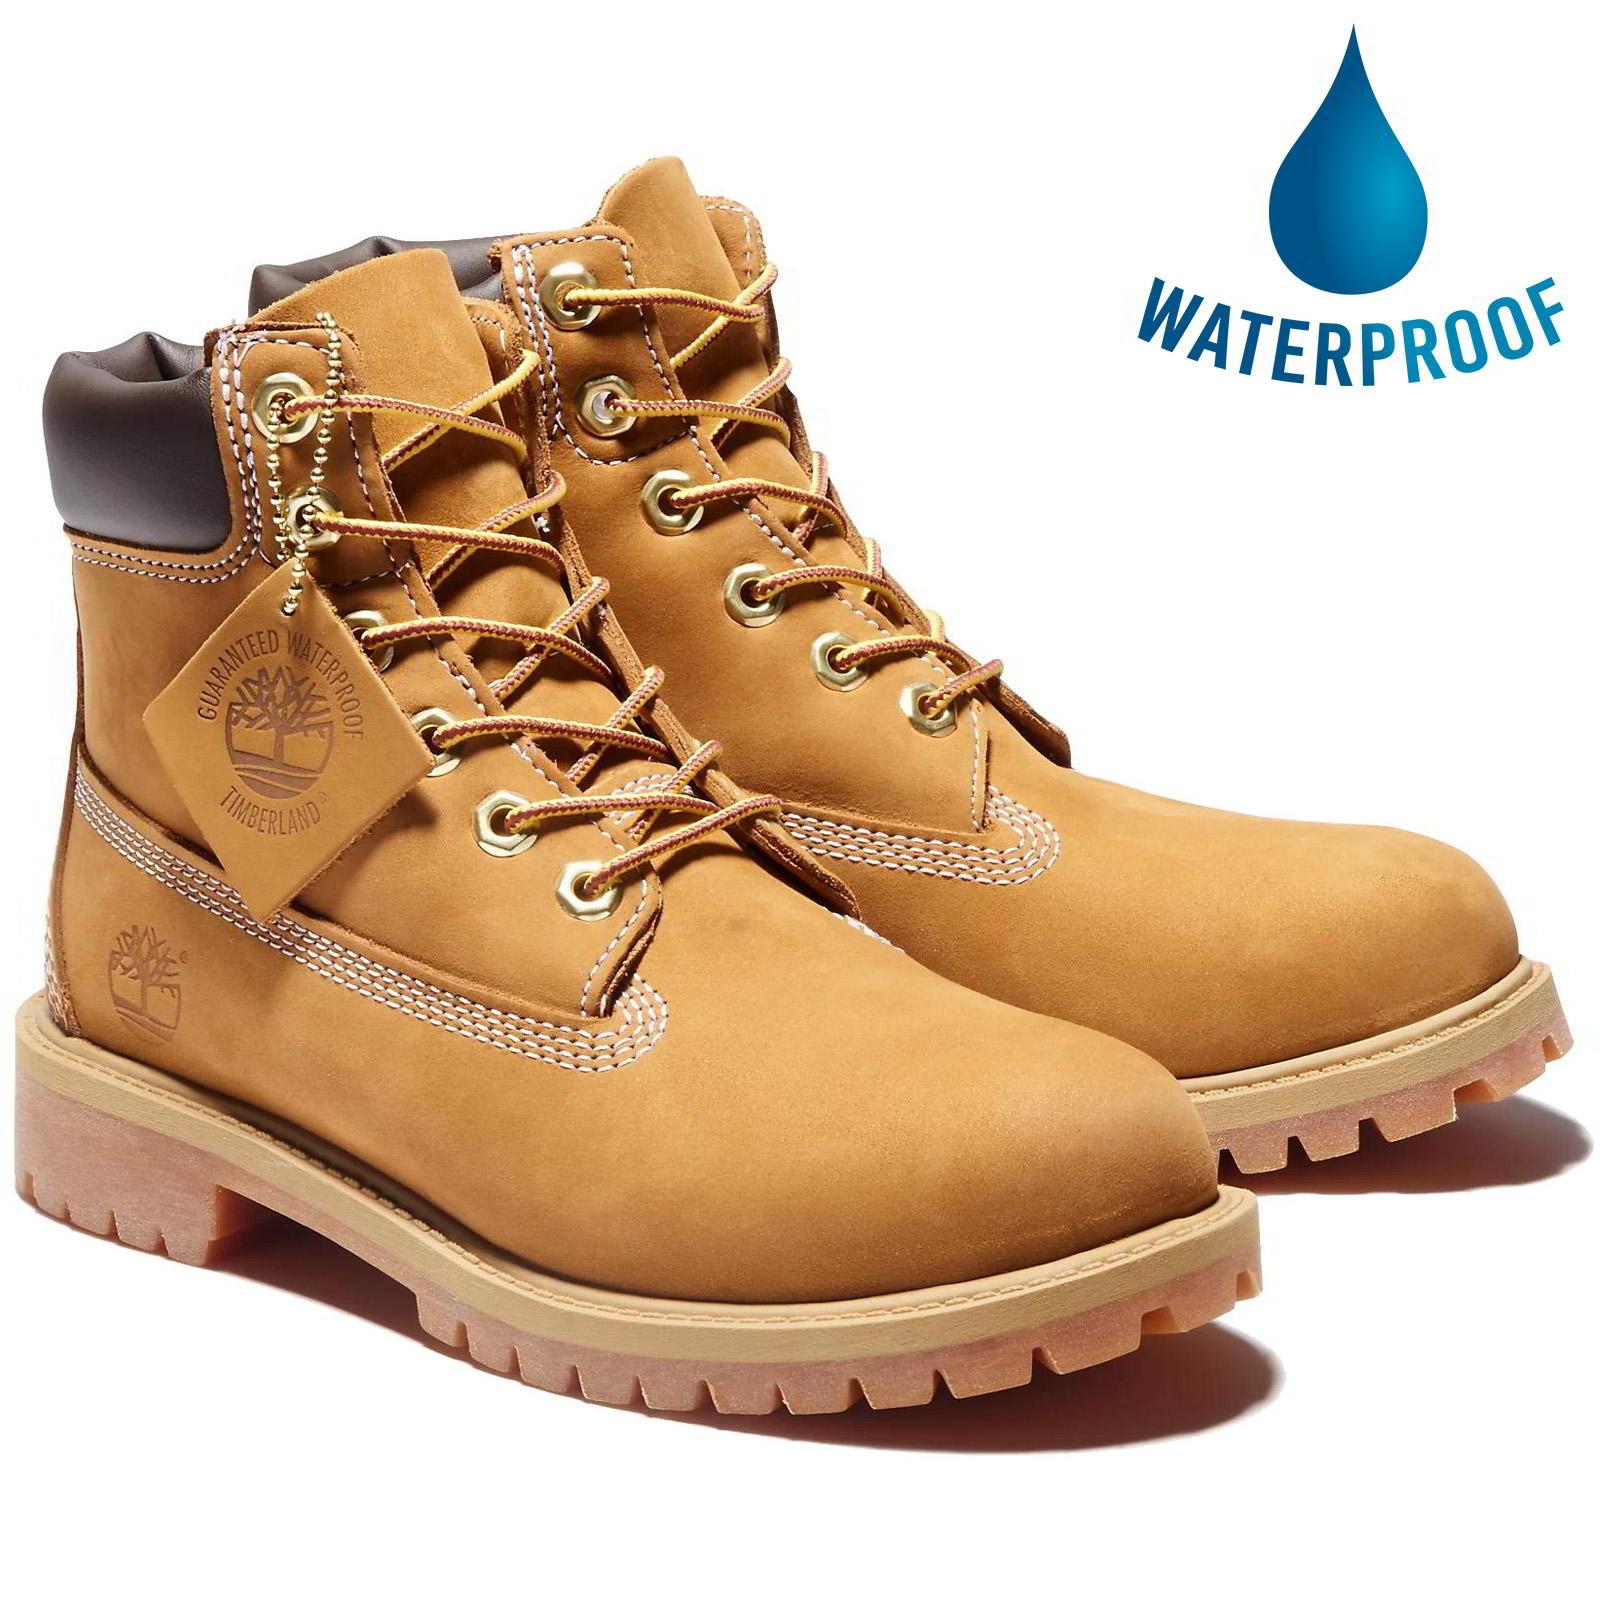 Timberland Junior 6 Inch Premium Waterproof Boots - 12909 - Wheat Yellow